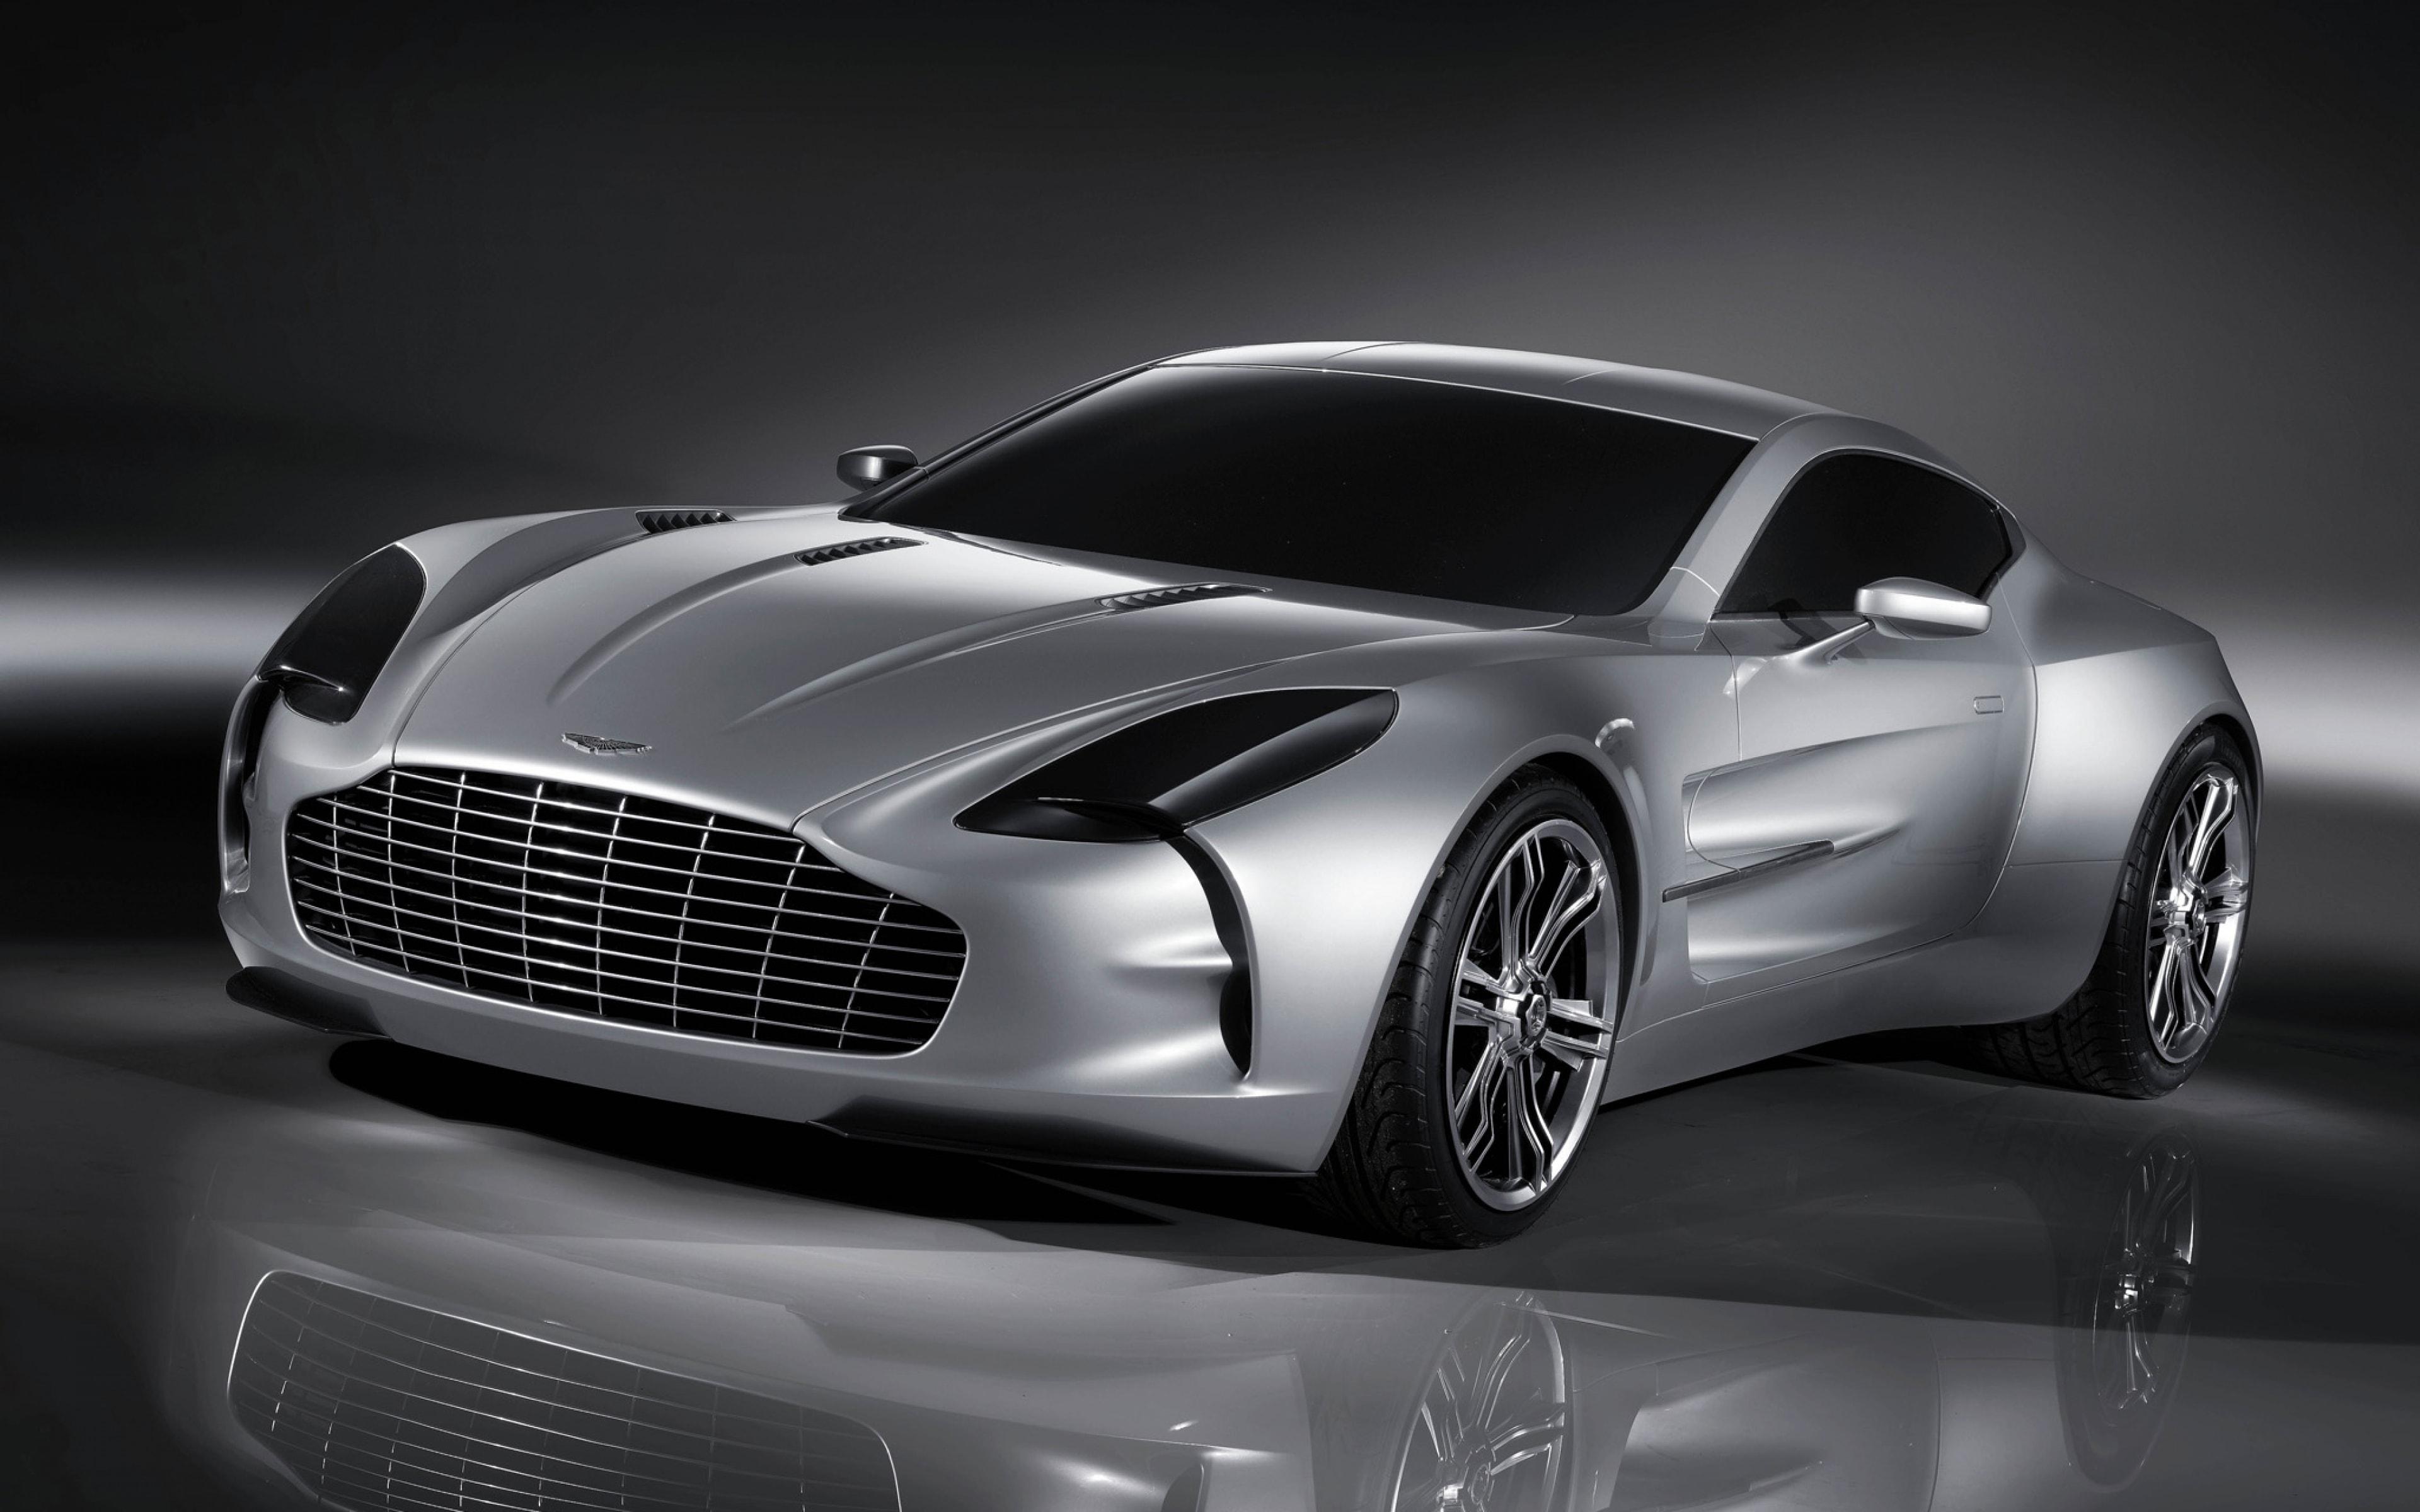 Aston Martin One-77 Widescreen for desktop